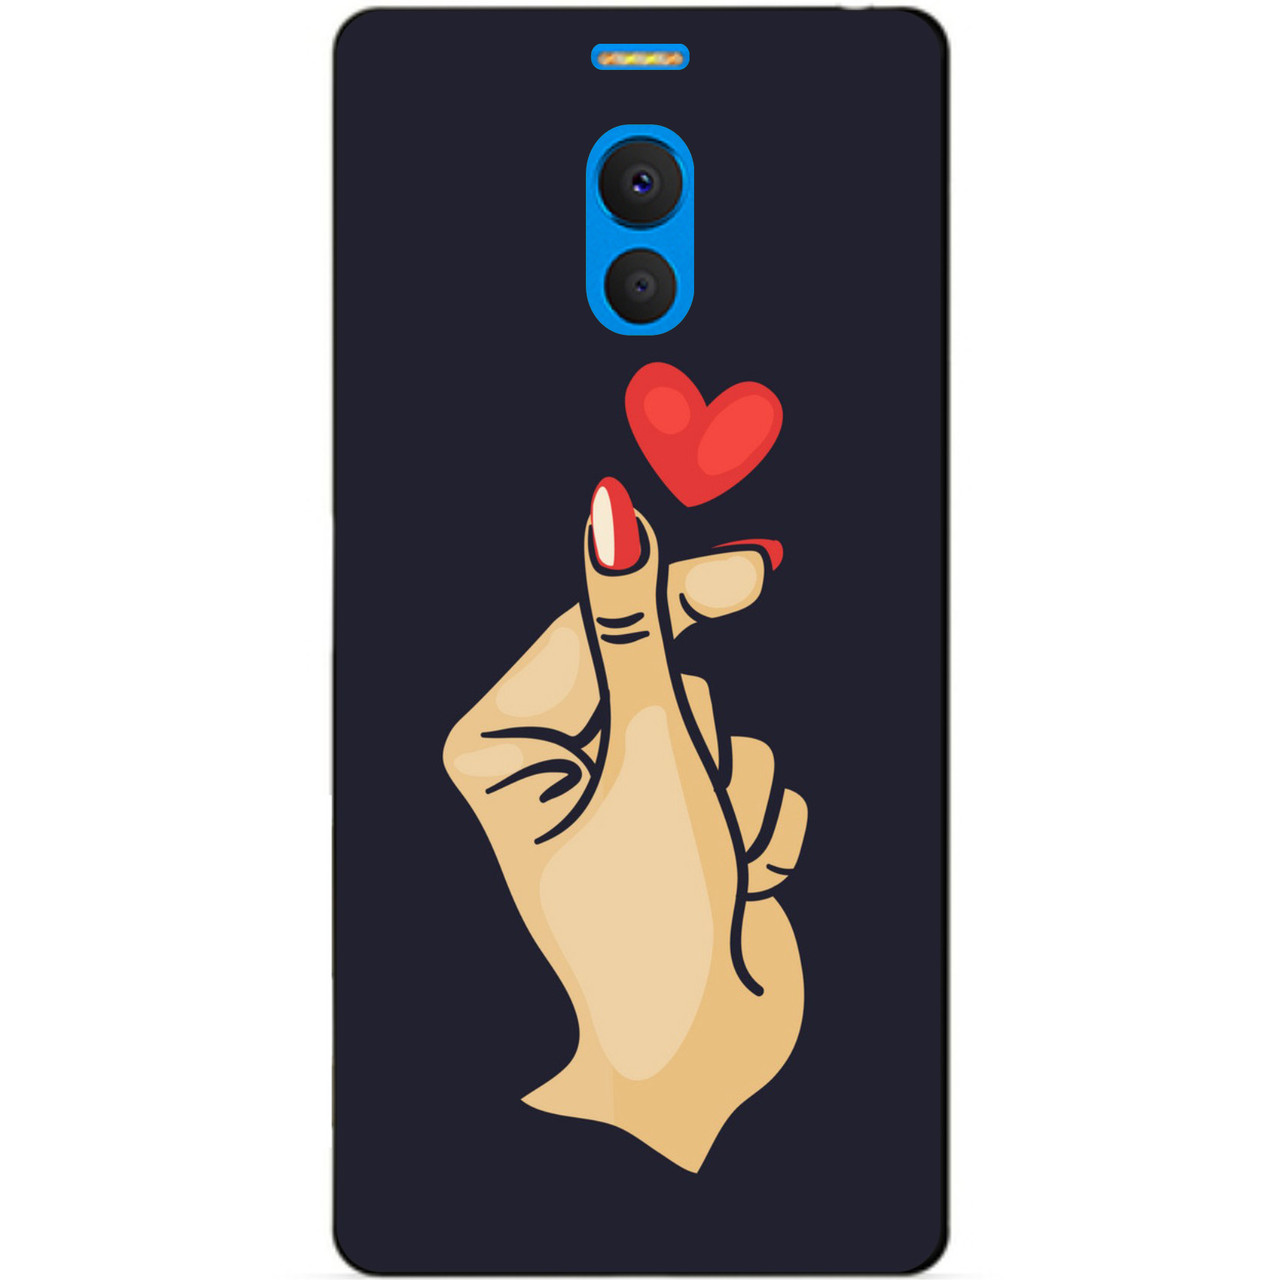 Силиконовый бампер чехол для Meizu M6 Note с рисунком Знак любви